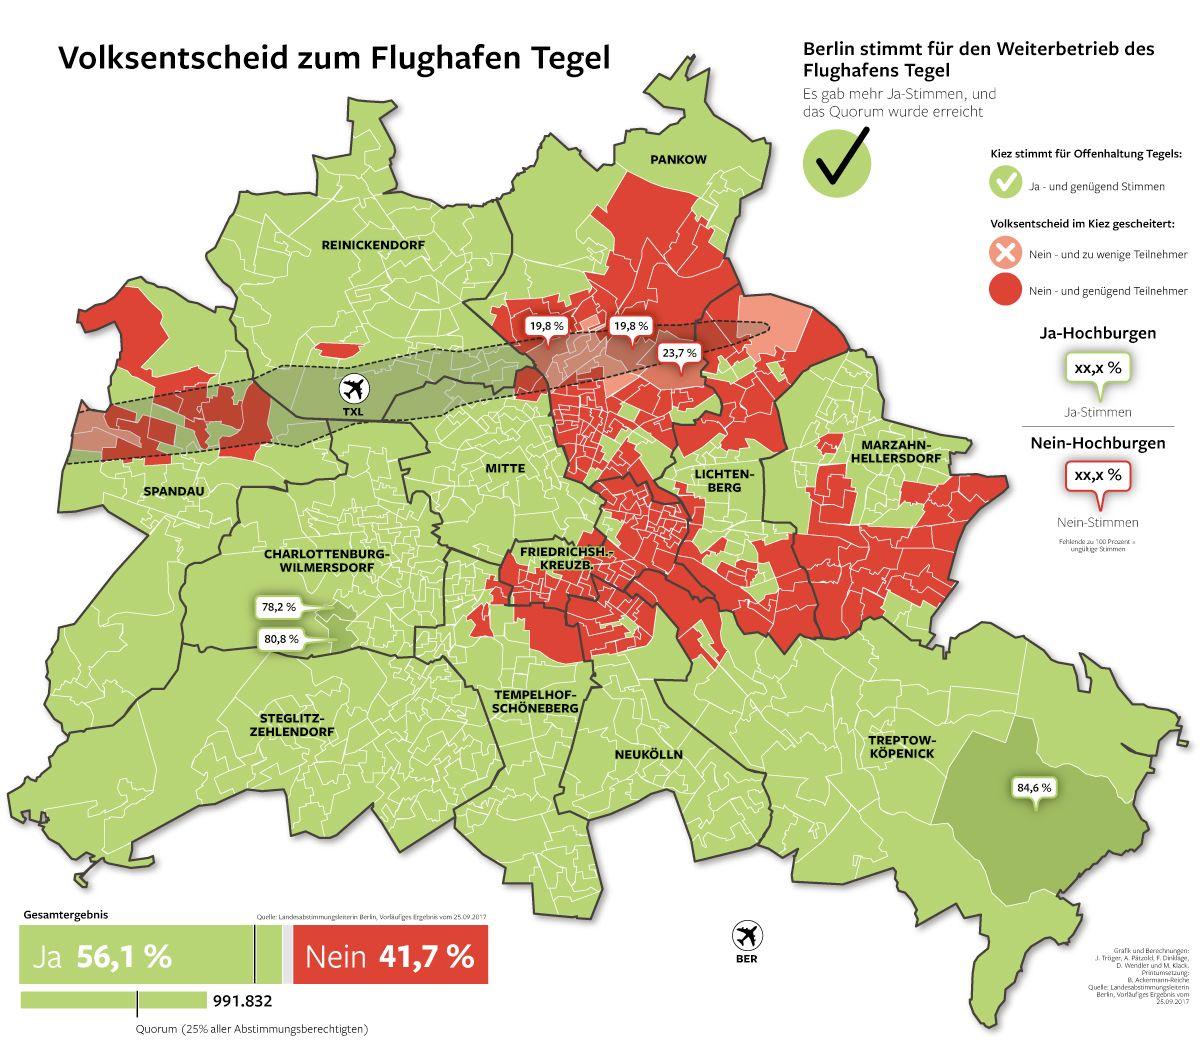 In Diesen Kiezen Wollen Die Berliner Tegel Offenhalten Morgenpost Karten Berlin